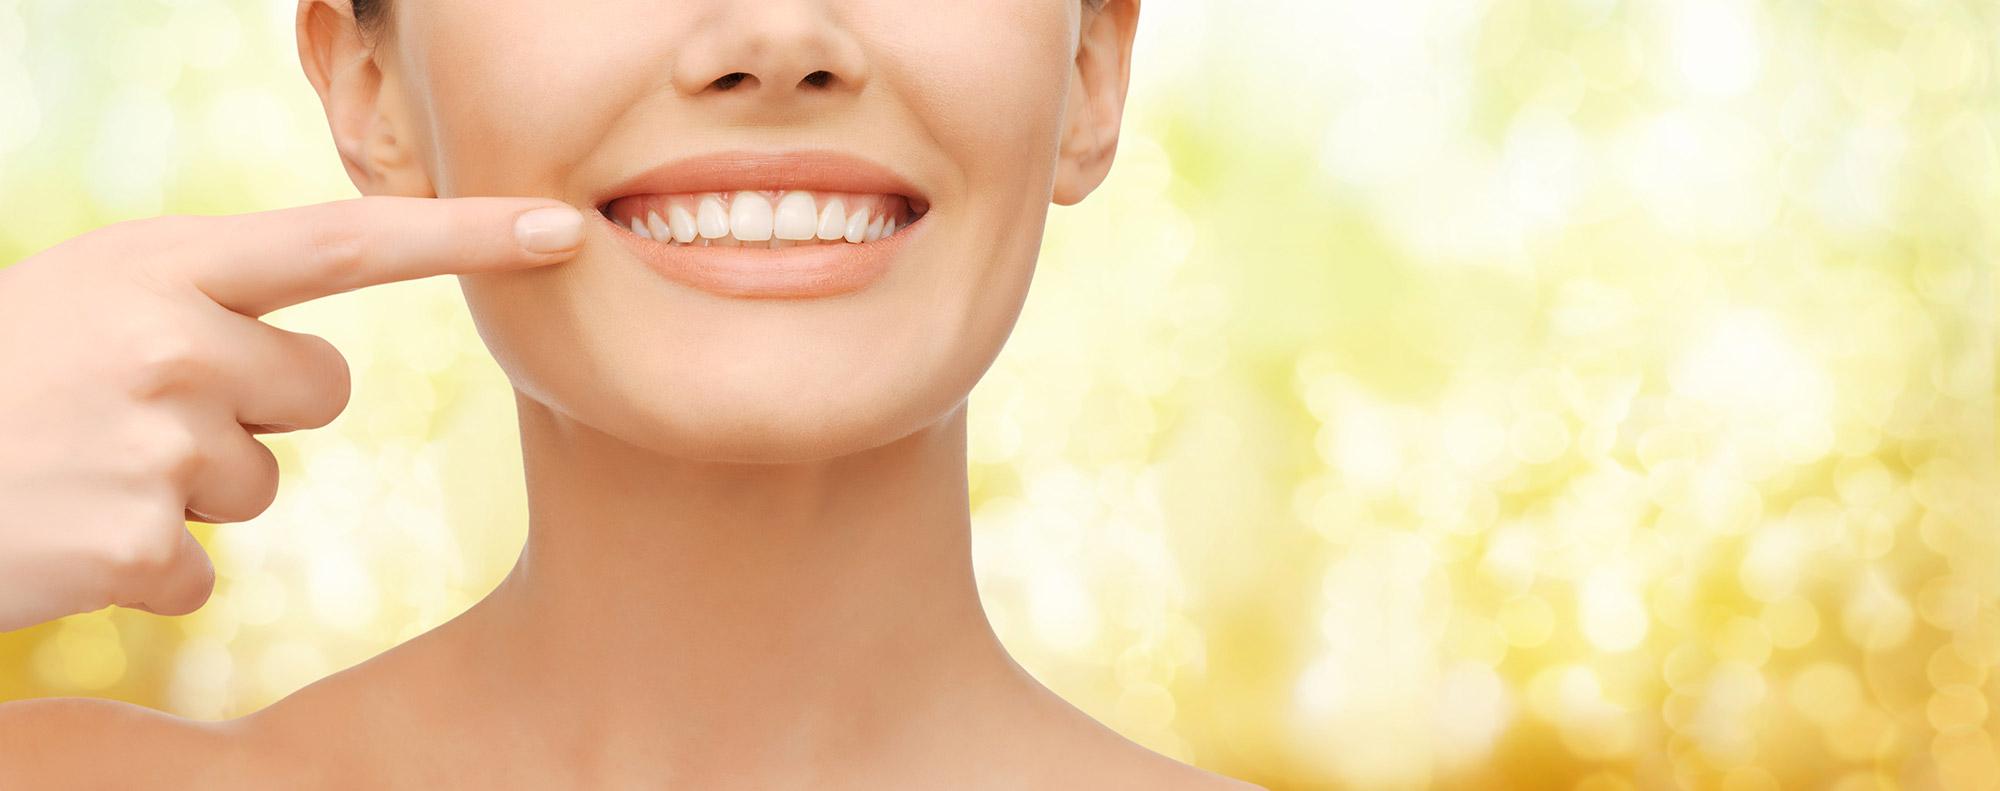 ortodoncia lingual incognito win precio